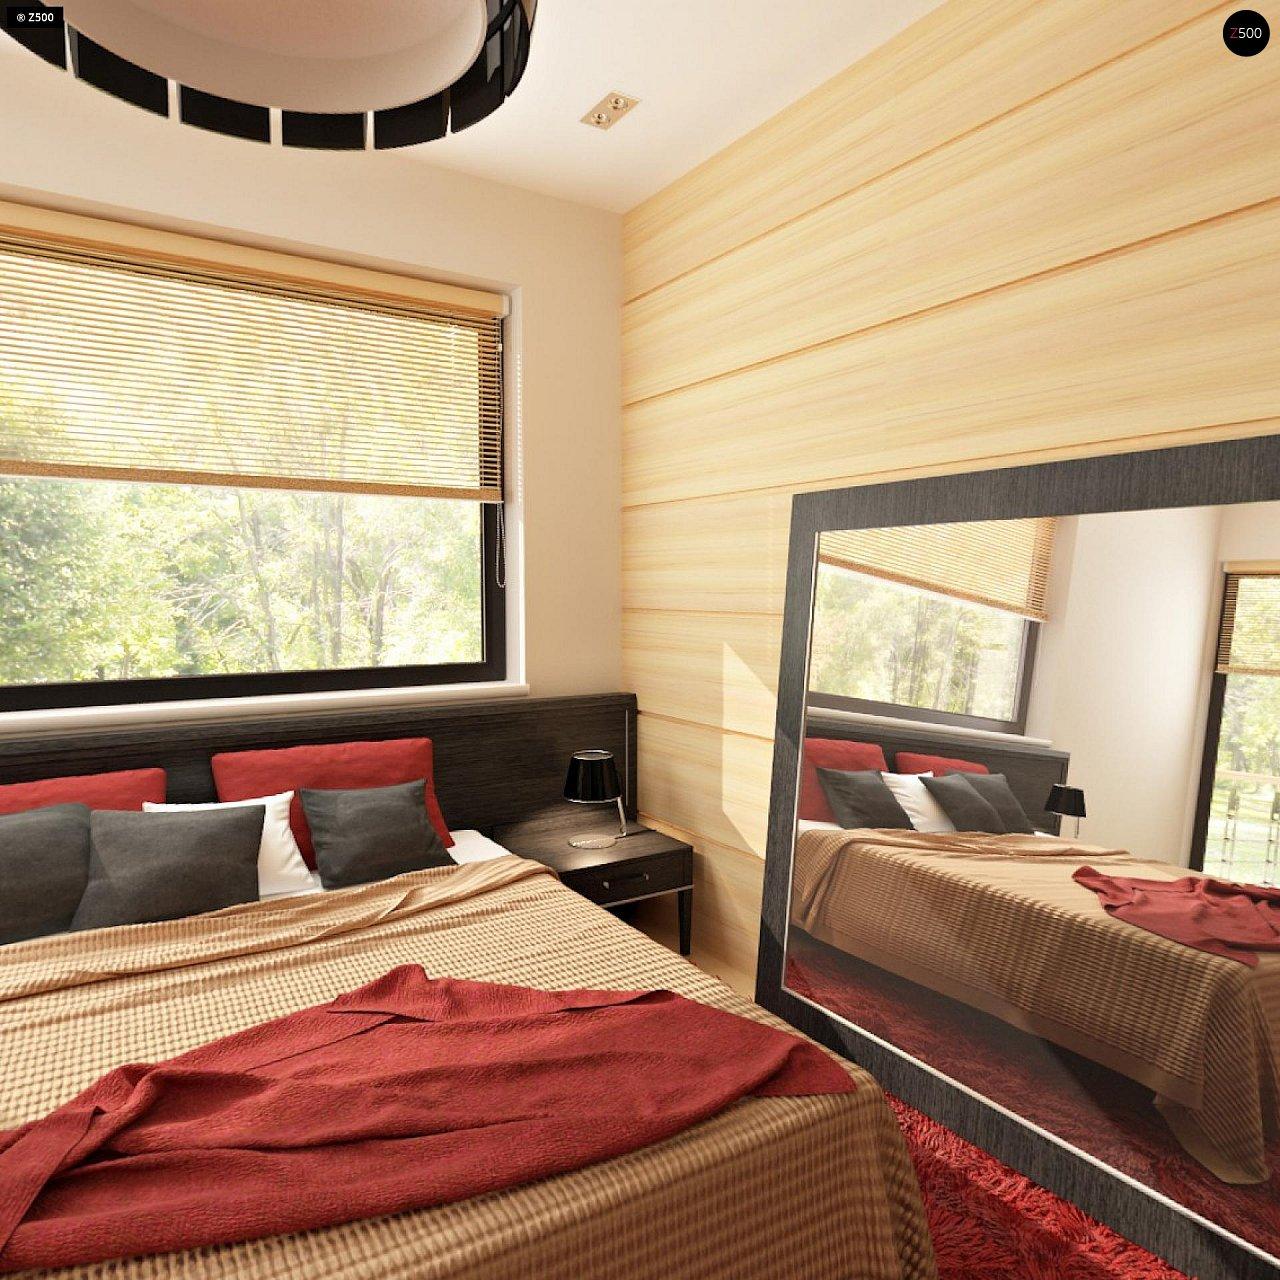 Версия двухэтажного дома Zx24 c увеличенным гаражом для двух машин 18